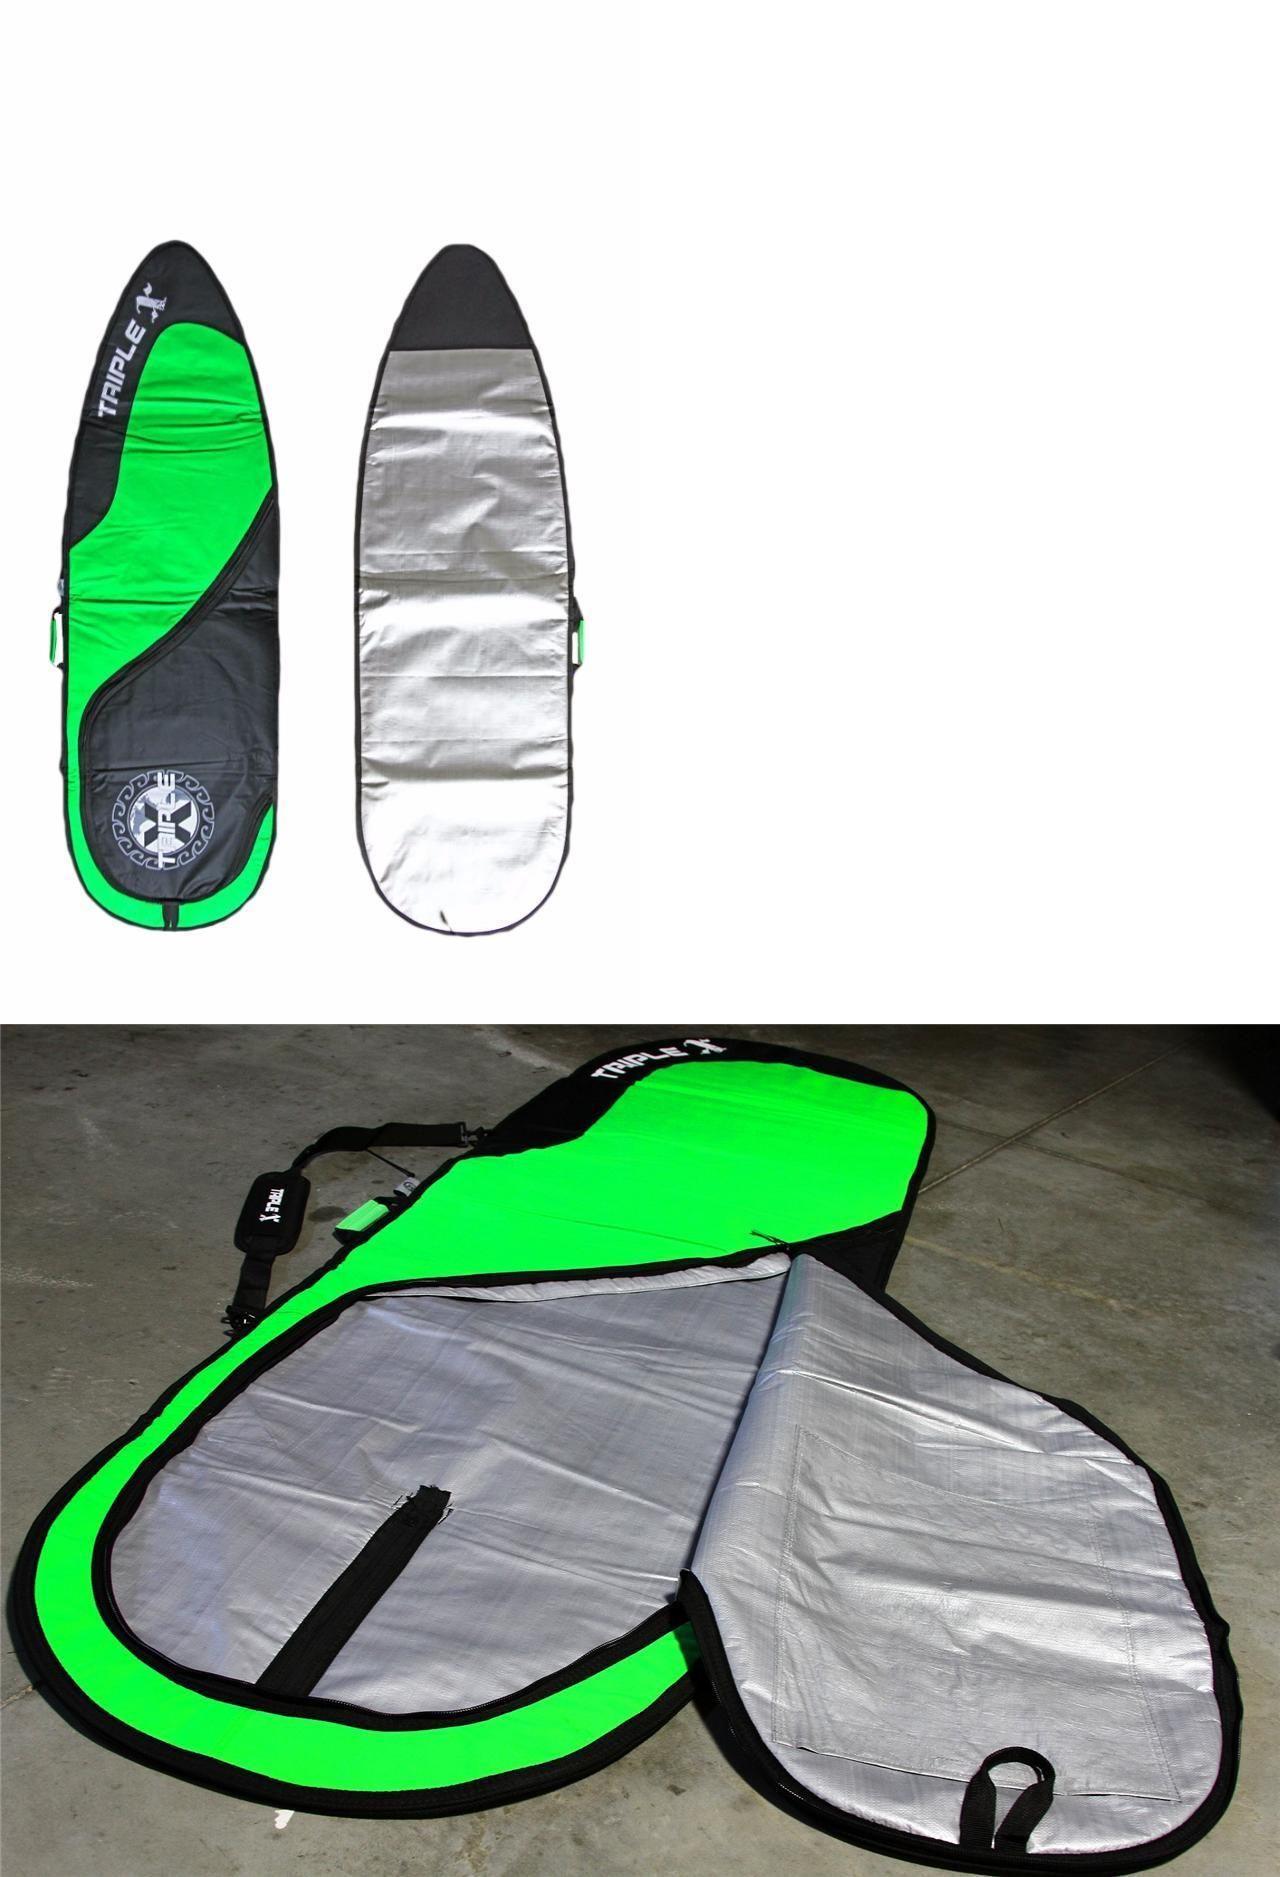 Board Bags and Socks 71165: New Triple X 7 0 Heavy Duty Shortboard Fishboard Surfboard Bag Green -> BUY IT NOW ONLY: $69.99 on eBay!